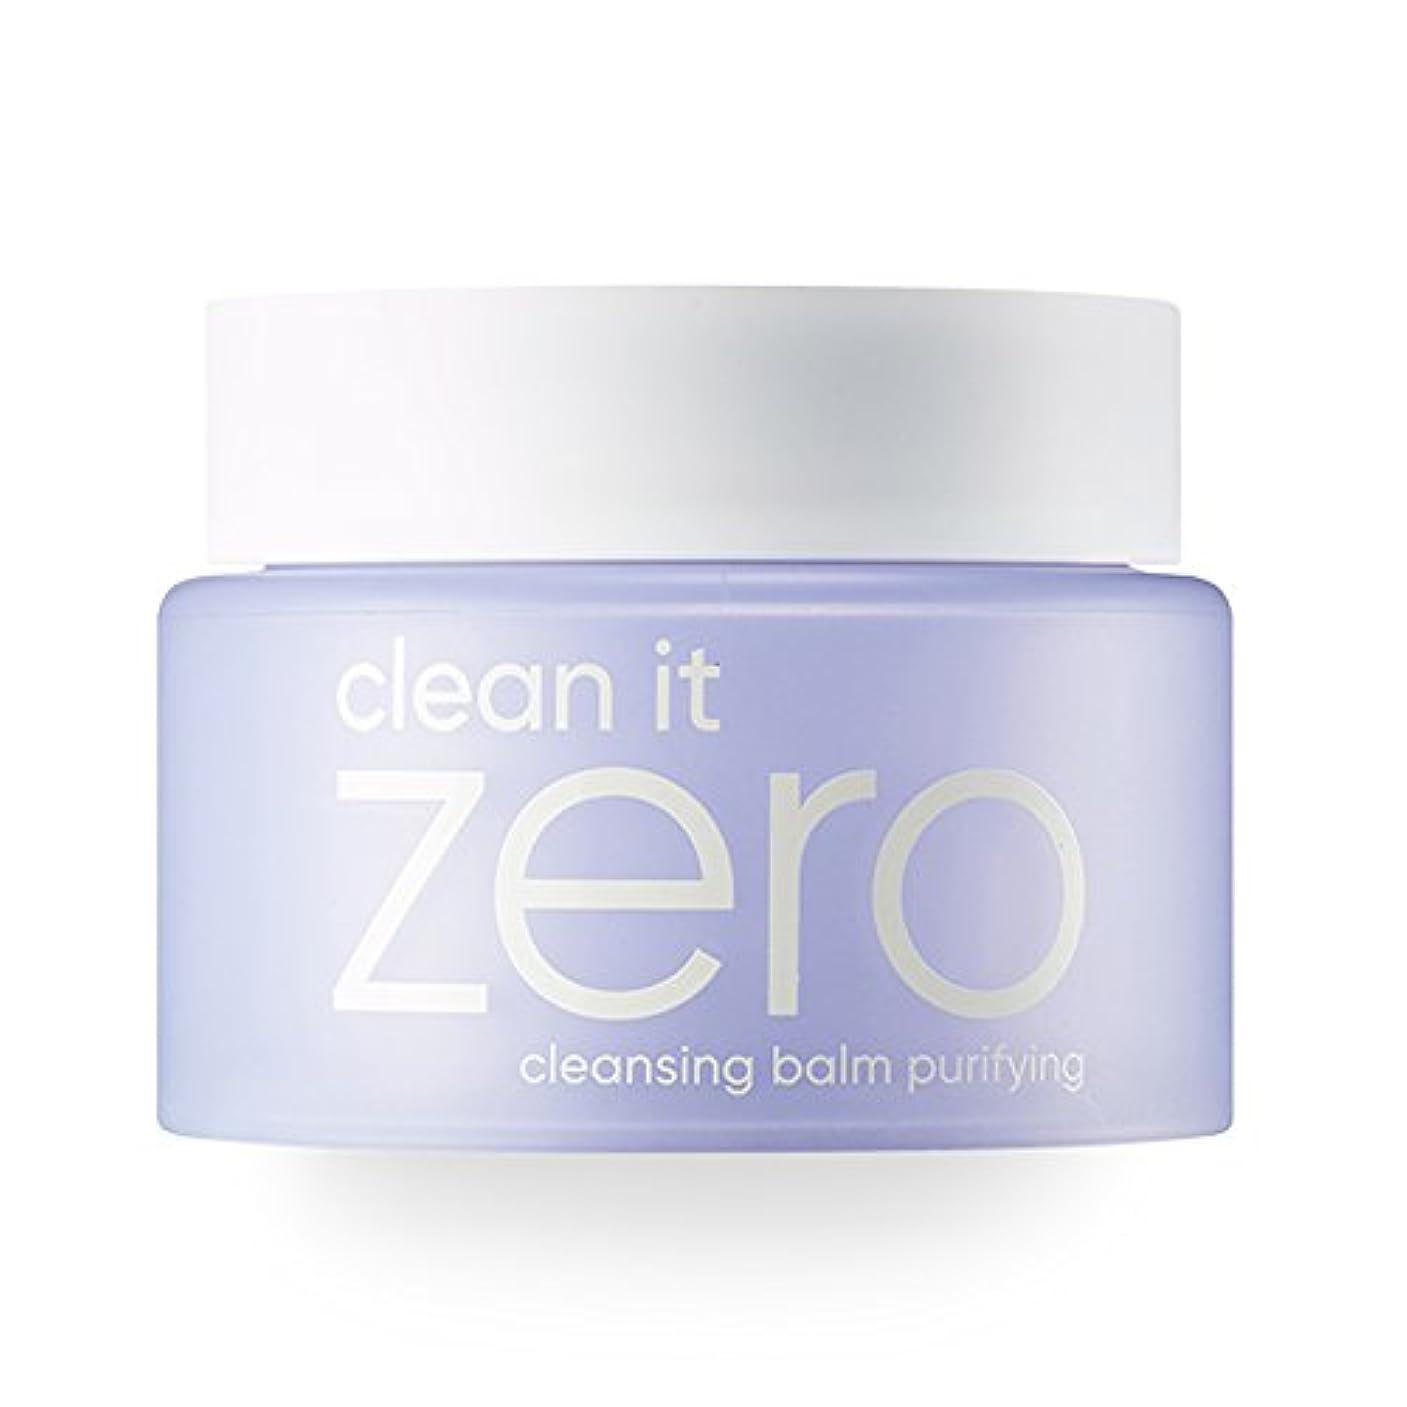 パワー決めます容疑者BANILA CO(バニラコ) クリーン イット ゼロ クレンジング バーム ピュリファイング Clean It Zero Purifying